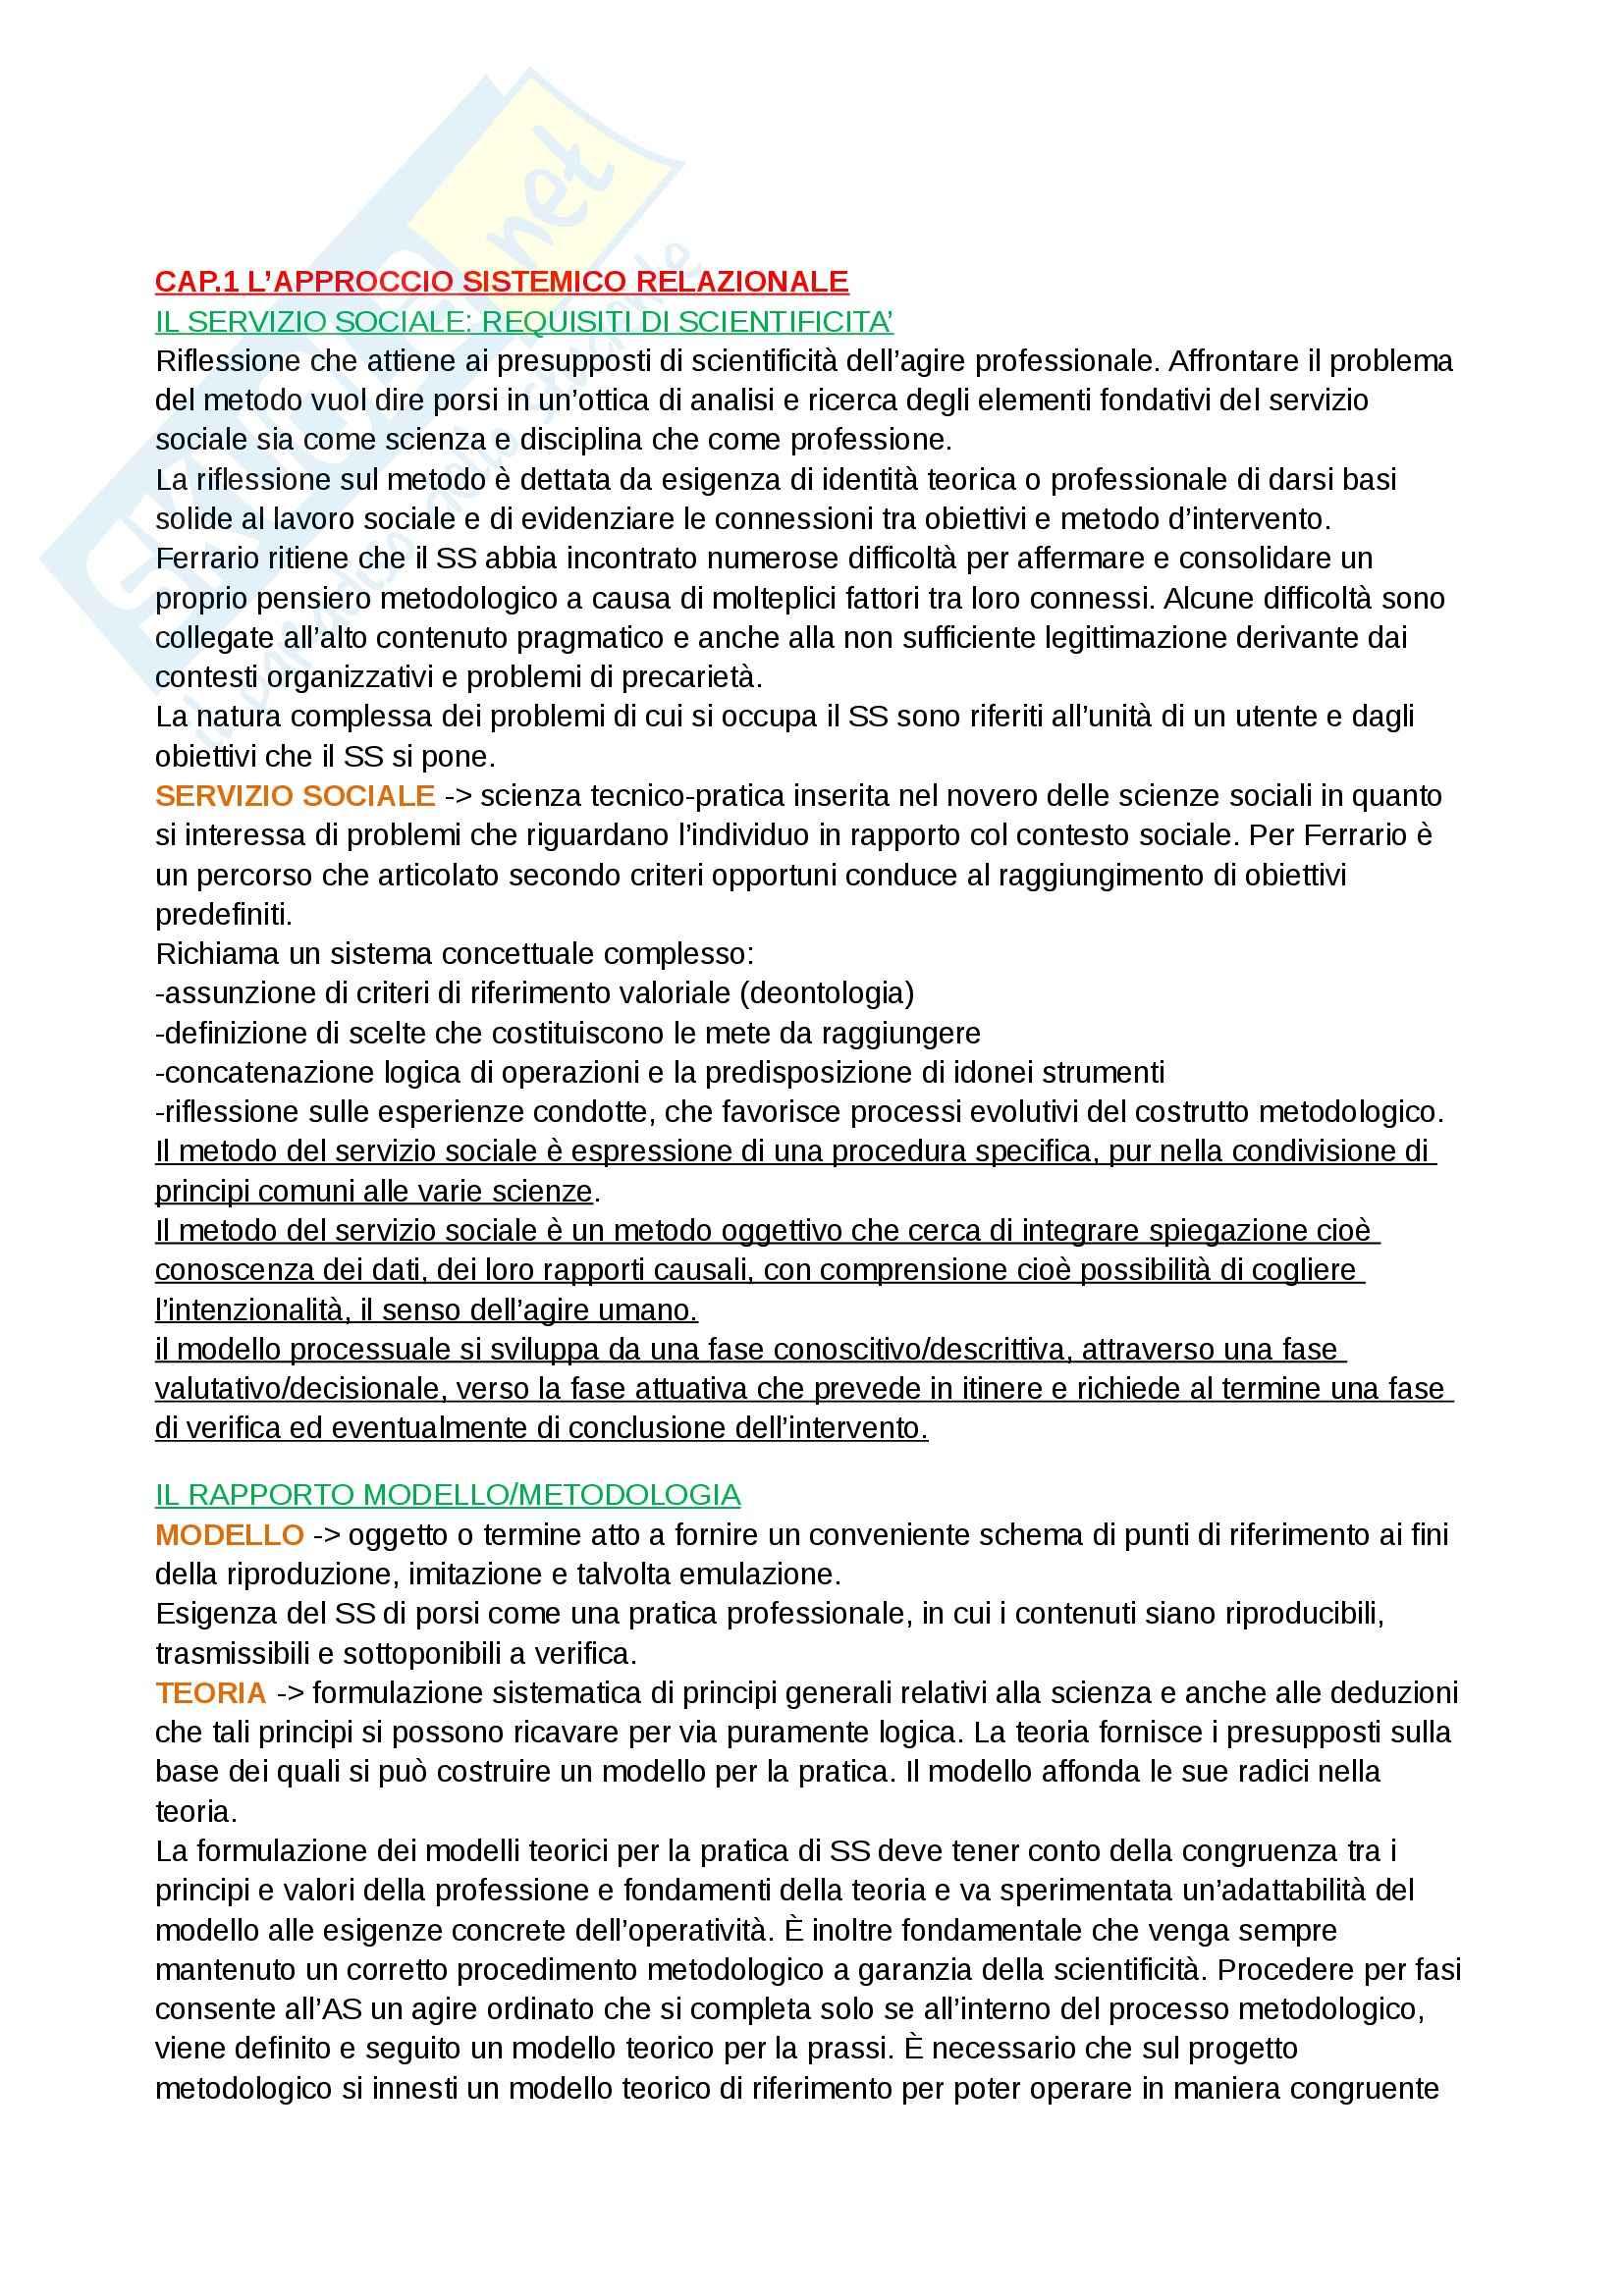 Riassunto esame Metodi e tecniche del servizio sociale, prof. Bertotti, libro consigliato Intervento sistemico, Campanini